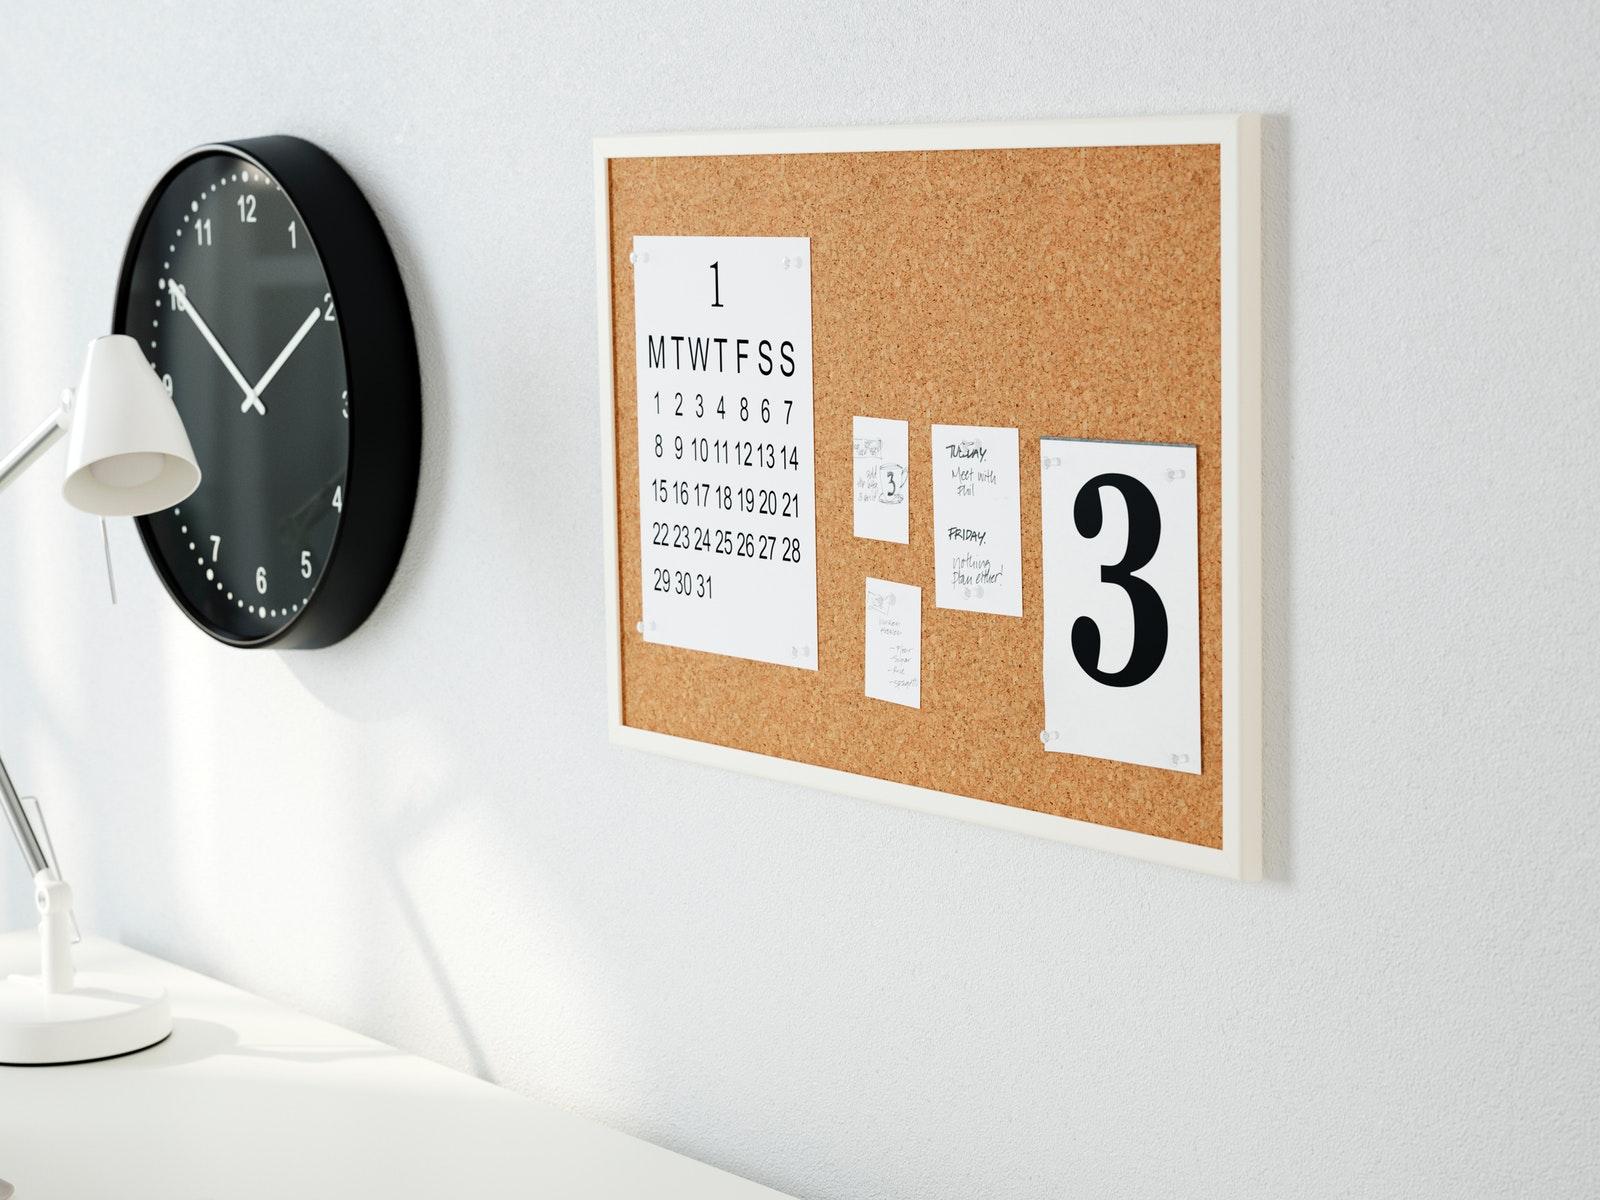 dekorasi dinding kamar dengan papan memo